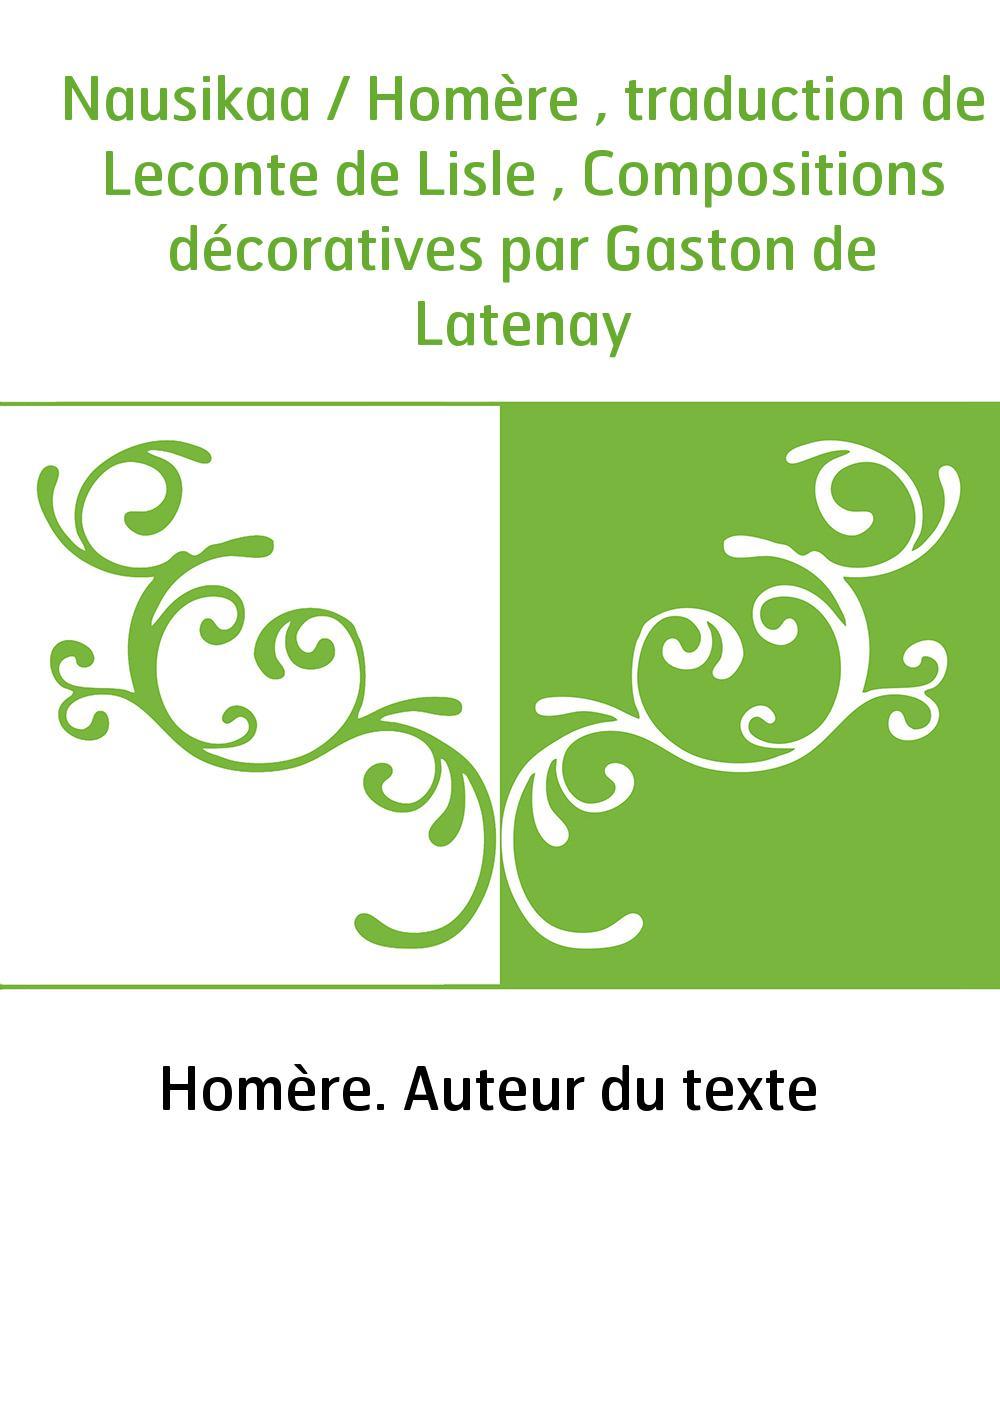 Nausikaa / Homère , traduction de Leconte de Lisle , Compositions décoratives par Gaston de Latenay